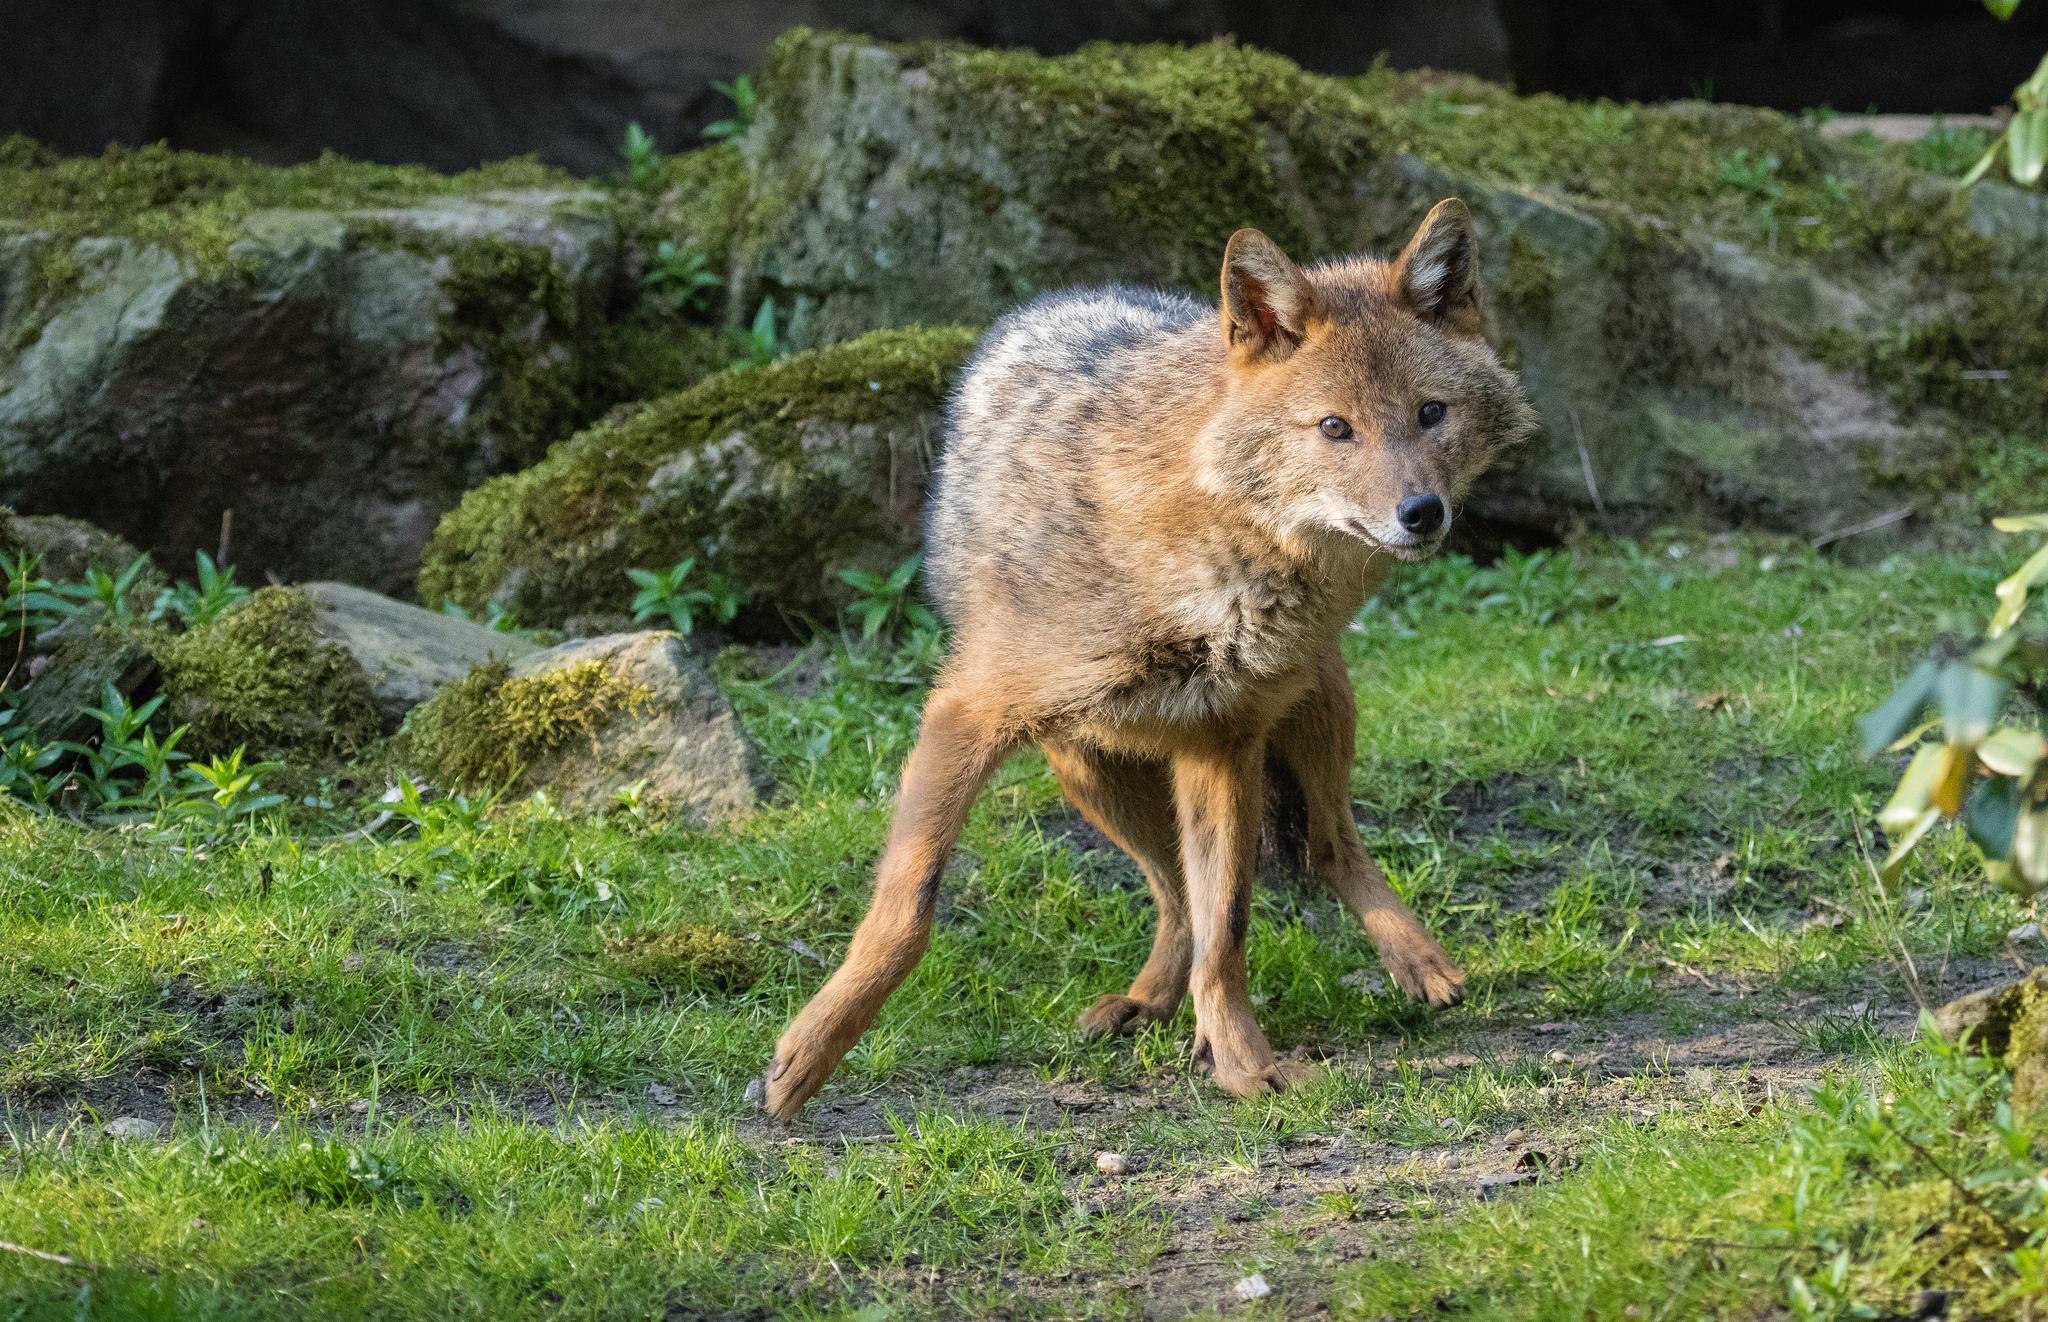 najdziwniejsze polskie ssaki, dziwne w Polsce, żołędnica europejska, morświn zwyczajny, chomik europejski, szakal złocisty, jakie zwierzęta występują w Polsce, ciekawe ssaki, animalistka, animalistka.pl, blog o dzikich zwierzętach